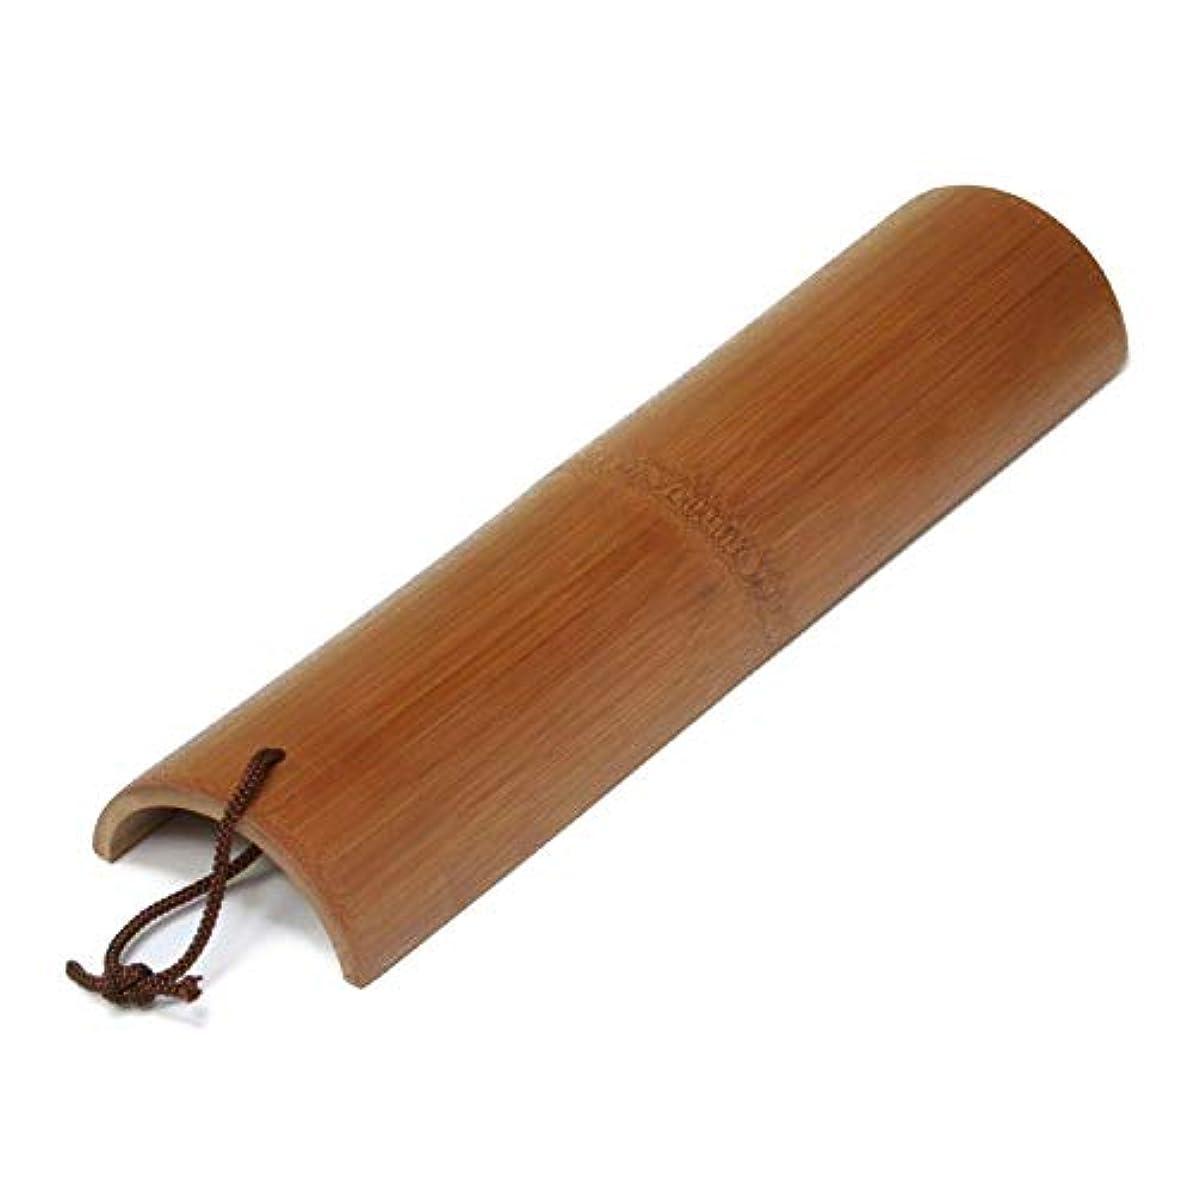 アラブボランティア戻る炭化竹製「大判?踏み竹」 「竹の本場?大分県」よりお届けします